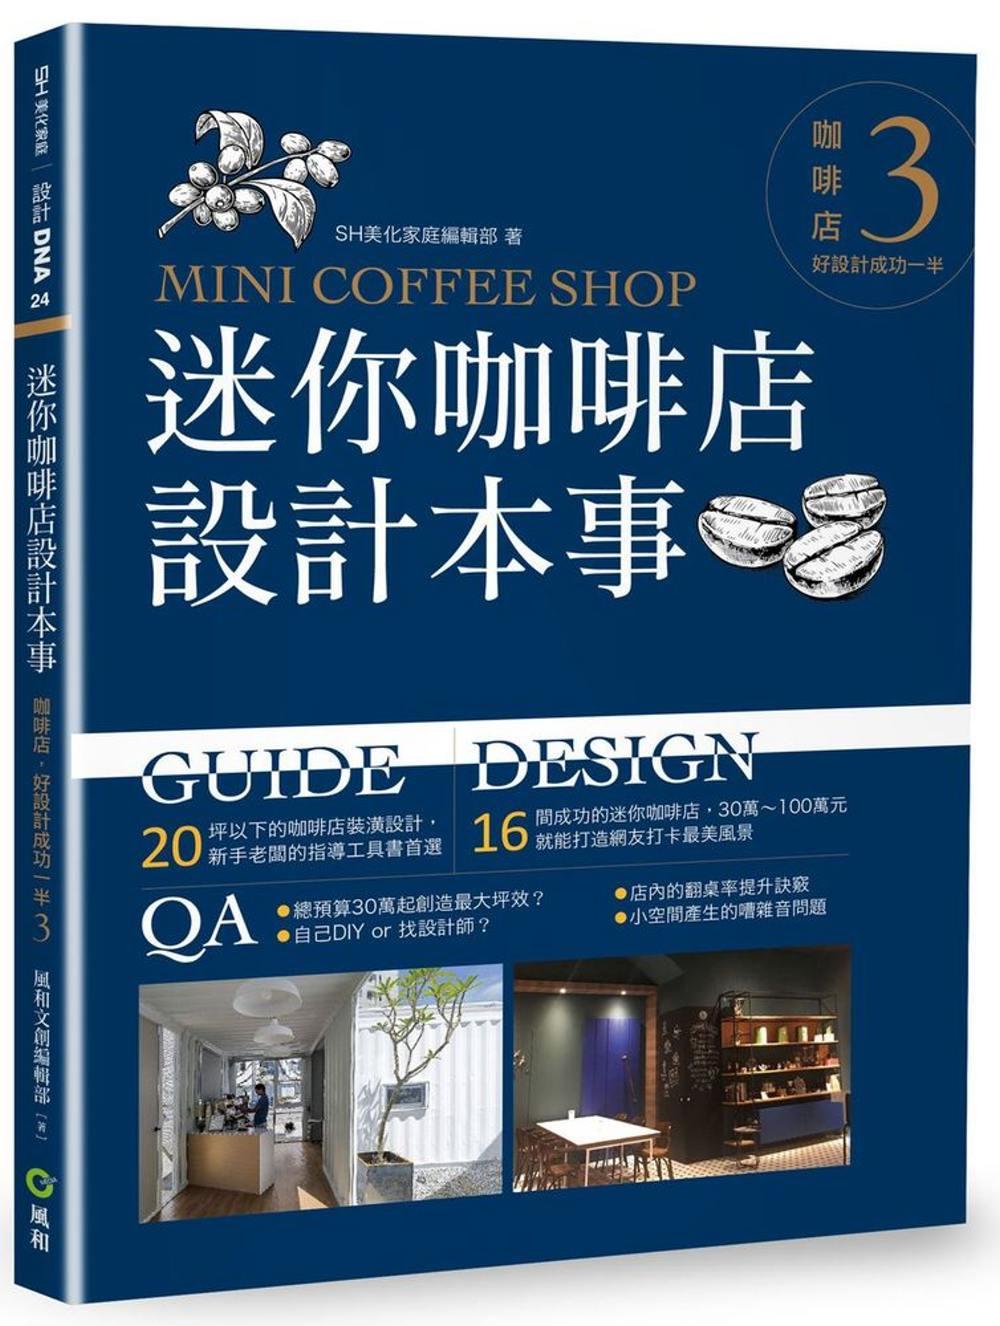 迷你咖啡店設計本事:咖啡店,好設計成功一半3